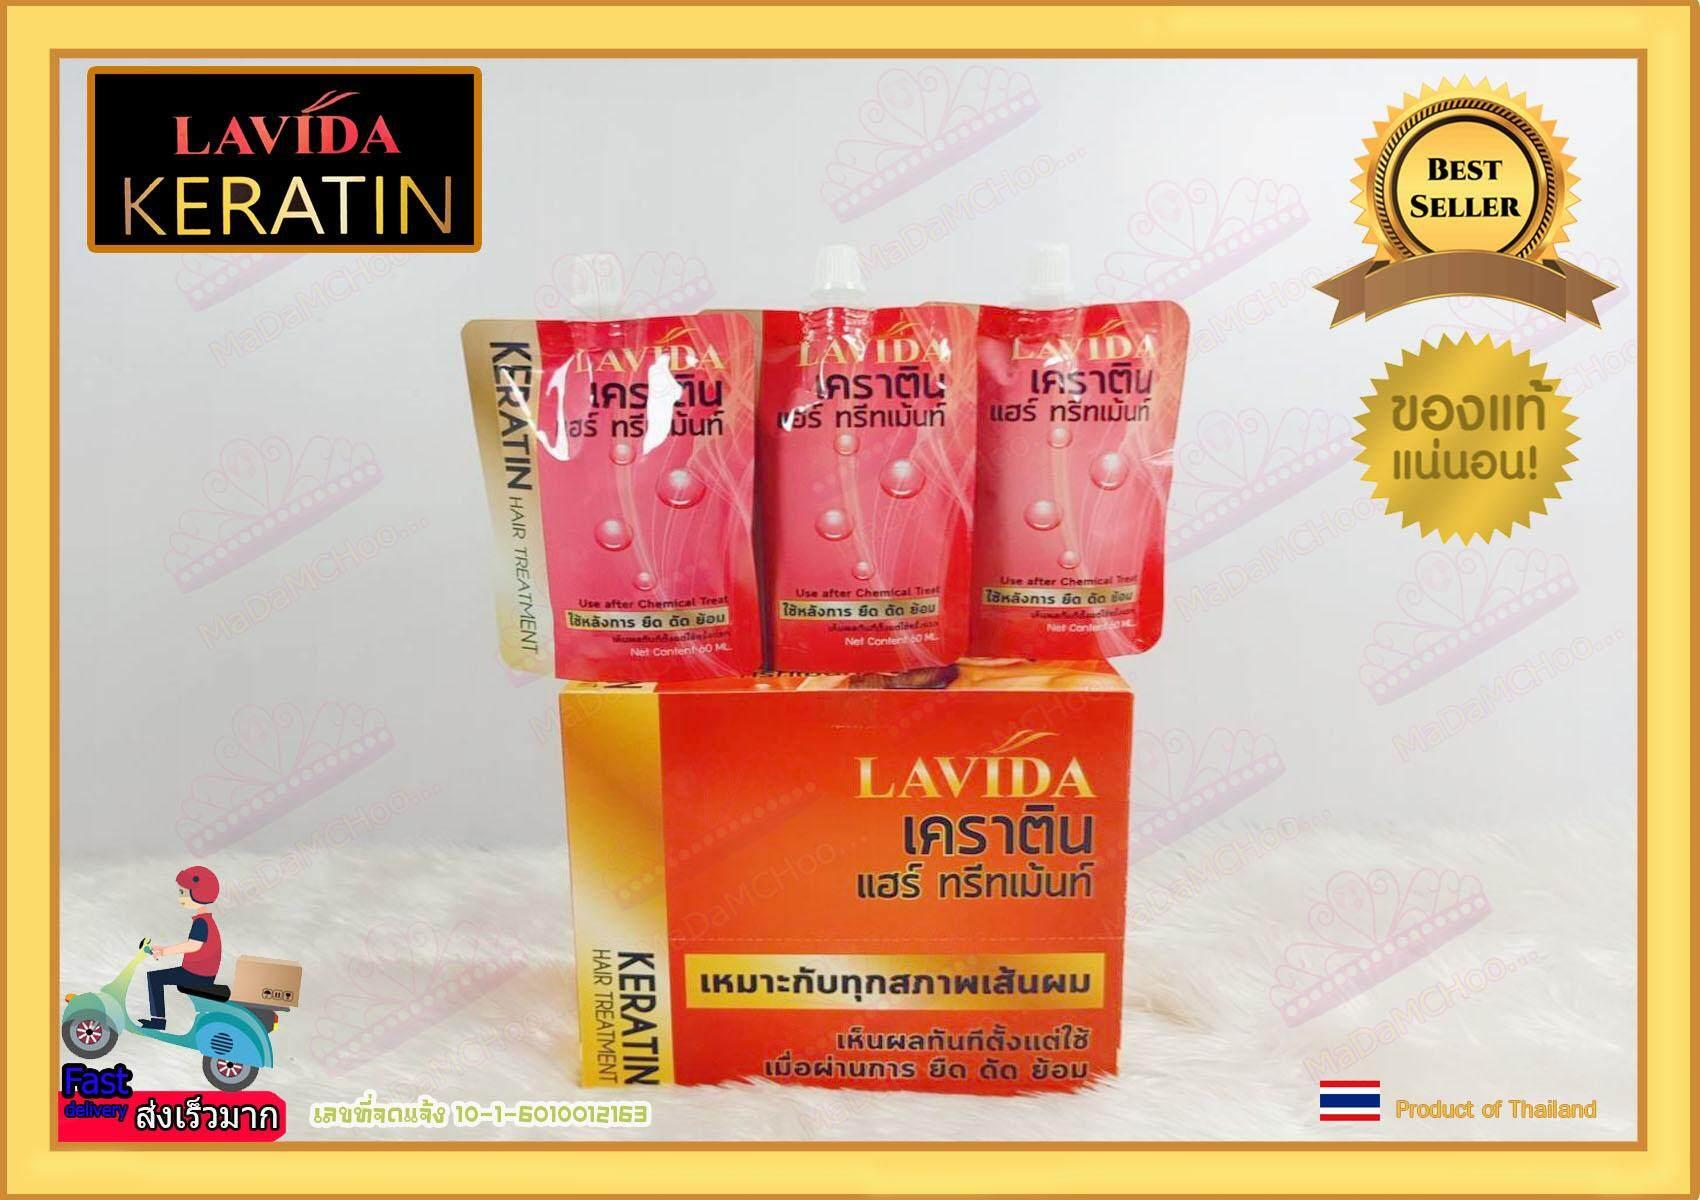 เคราติน แฮร์ ทรีทเม้นท์ ลาวีด้า  Keratin Lavida Hair Treamentทรีทเมนท์บำรุงเส้นผมชนิดเข้มข้นพิเศษ  แบบซอง  โปรโมชั่นสุดคุ้ม 3 ซองในราคาส่ง (ซื้อใช้เองหรือไปขายได้กำไรดี)   ปริมาณ 60ml..